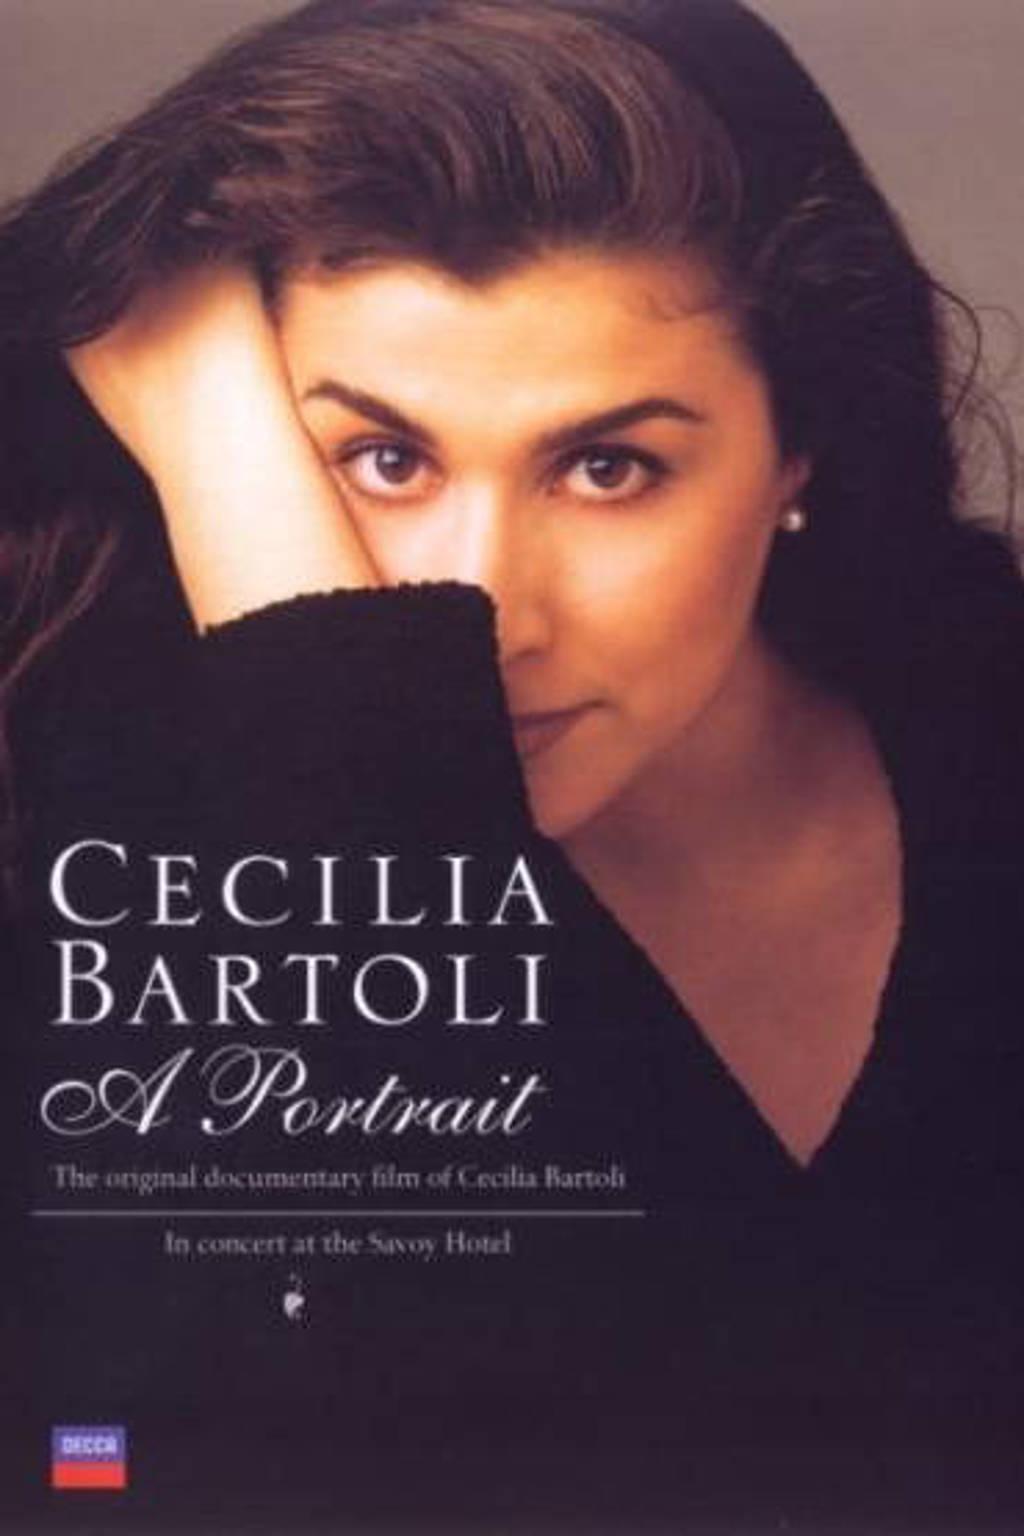 Cecilia Bartoli - A portrait (DVD)